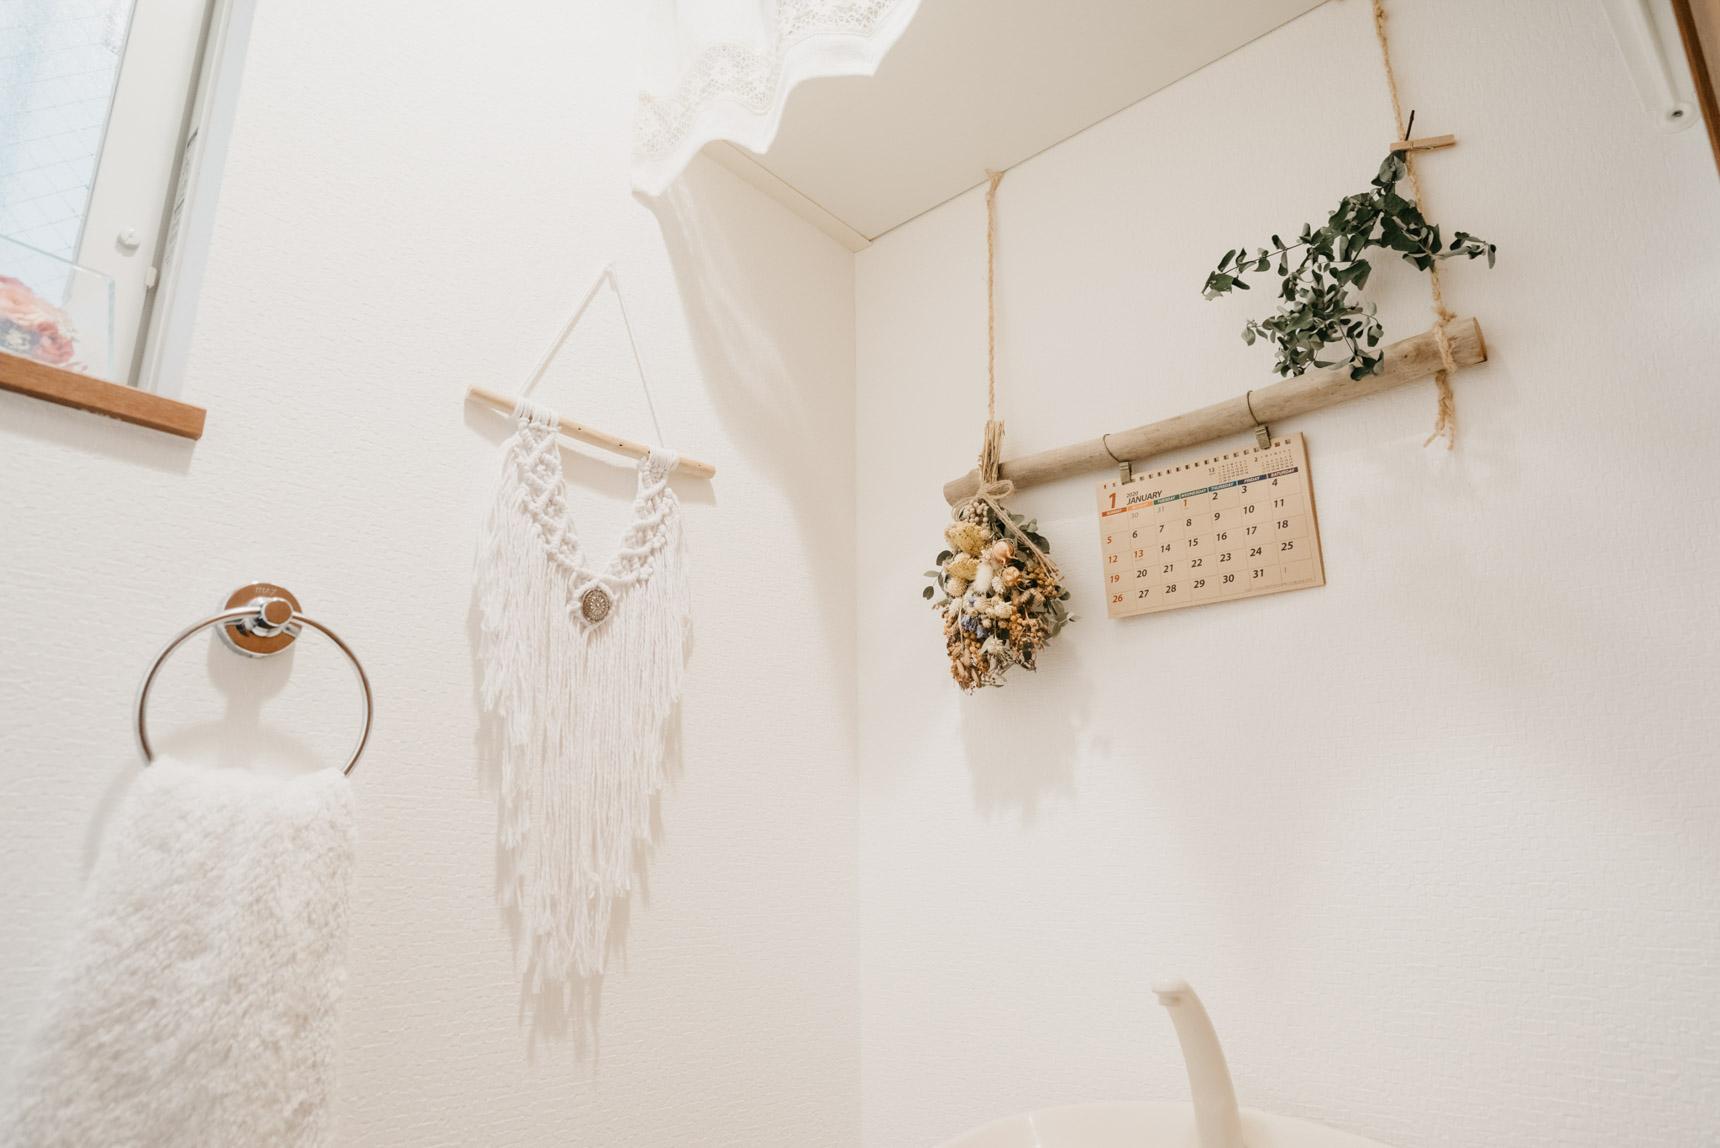 トイレにもたくさん、流木を使った素敵な飾りがありました!